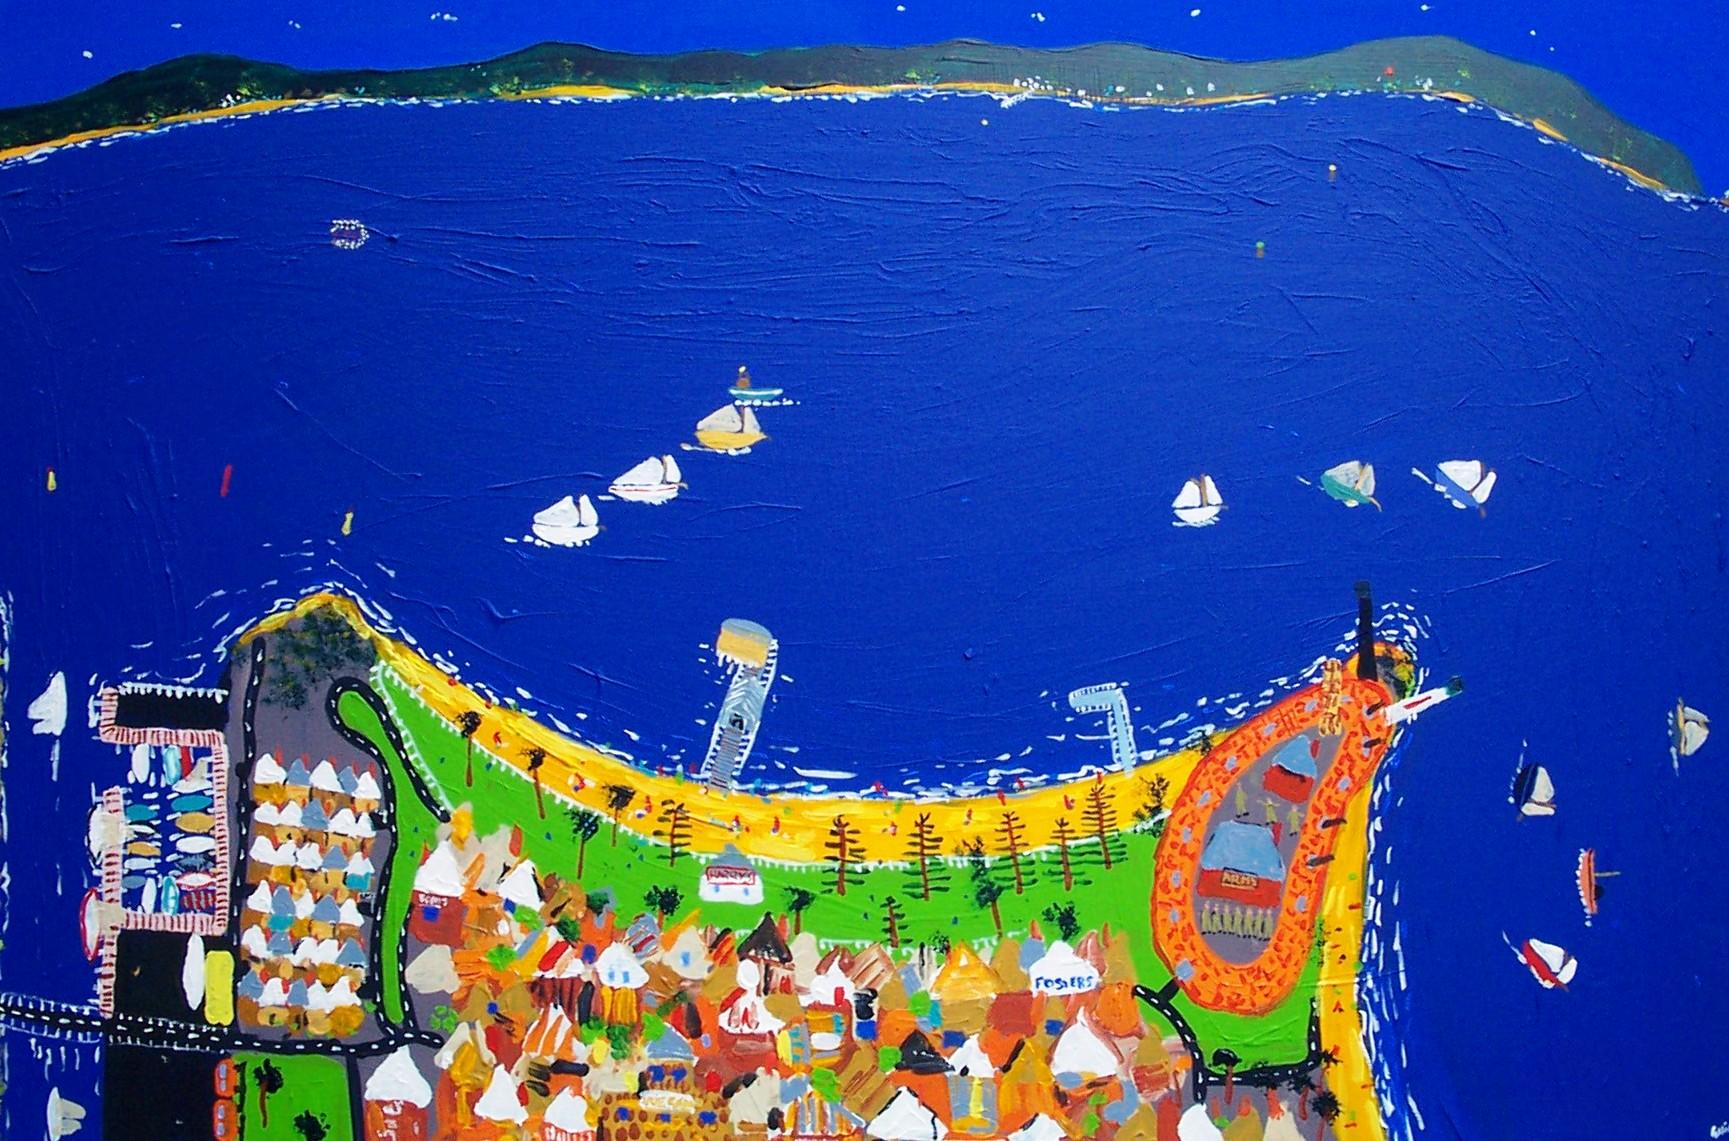 Queenscliff Couta Boat Race